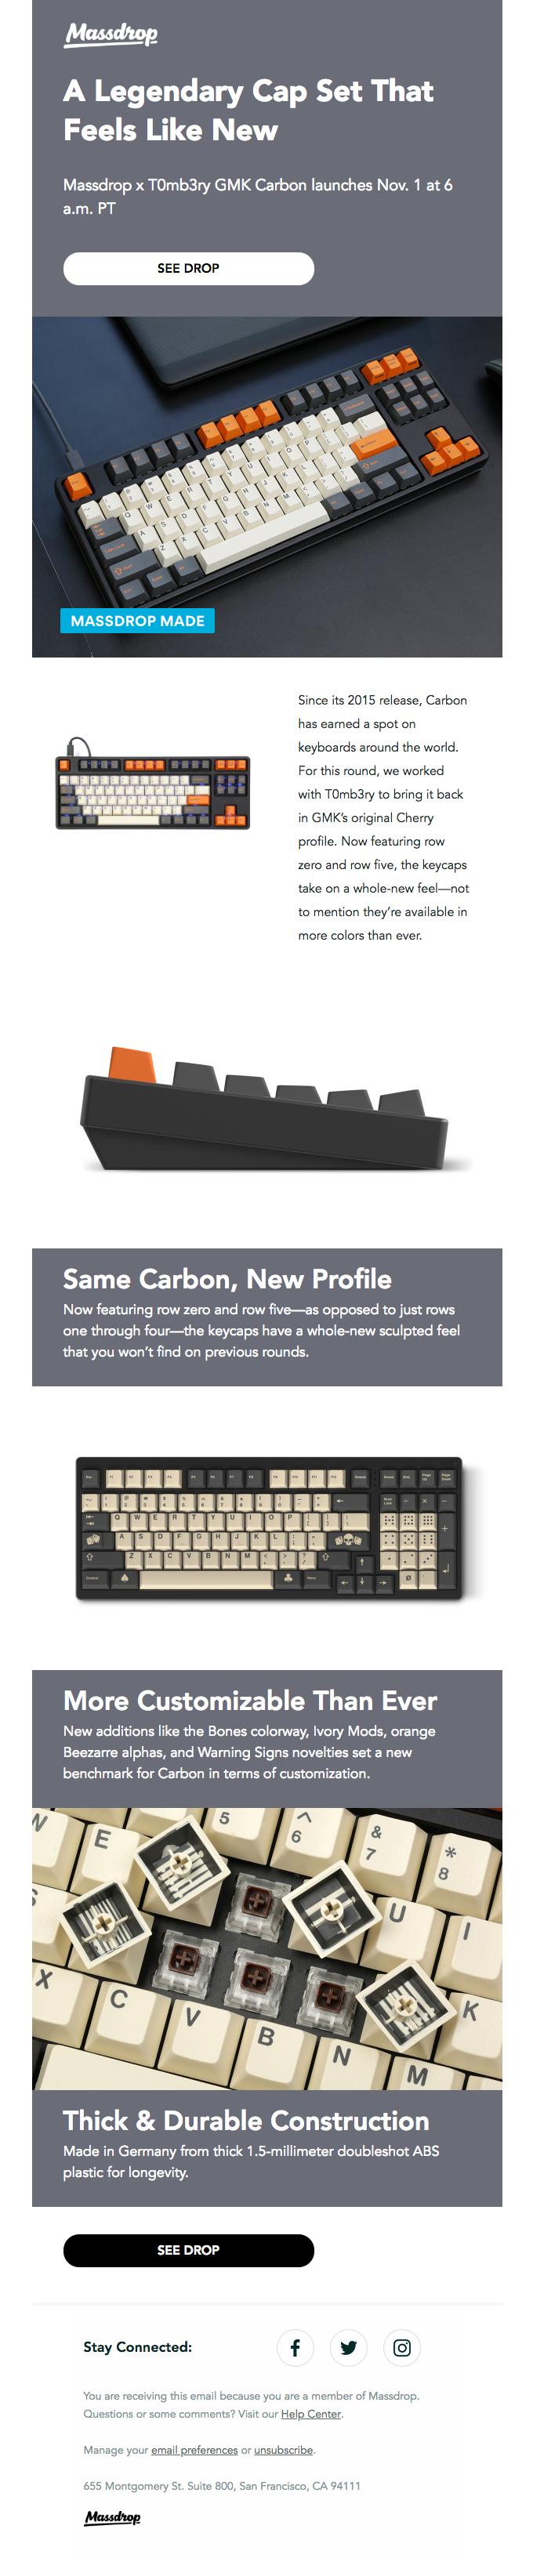 Massdrop x T0mb3ry GMK Carbon Custom Keycap Set: Available Thursday